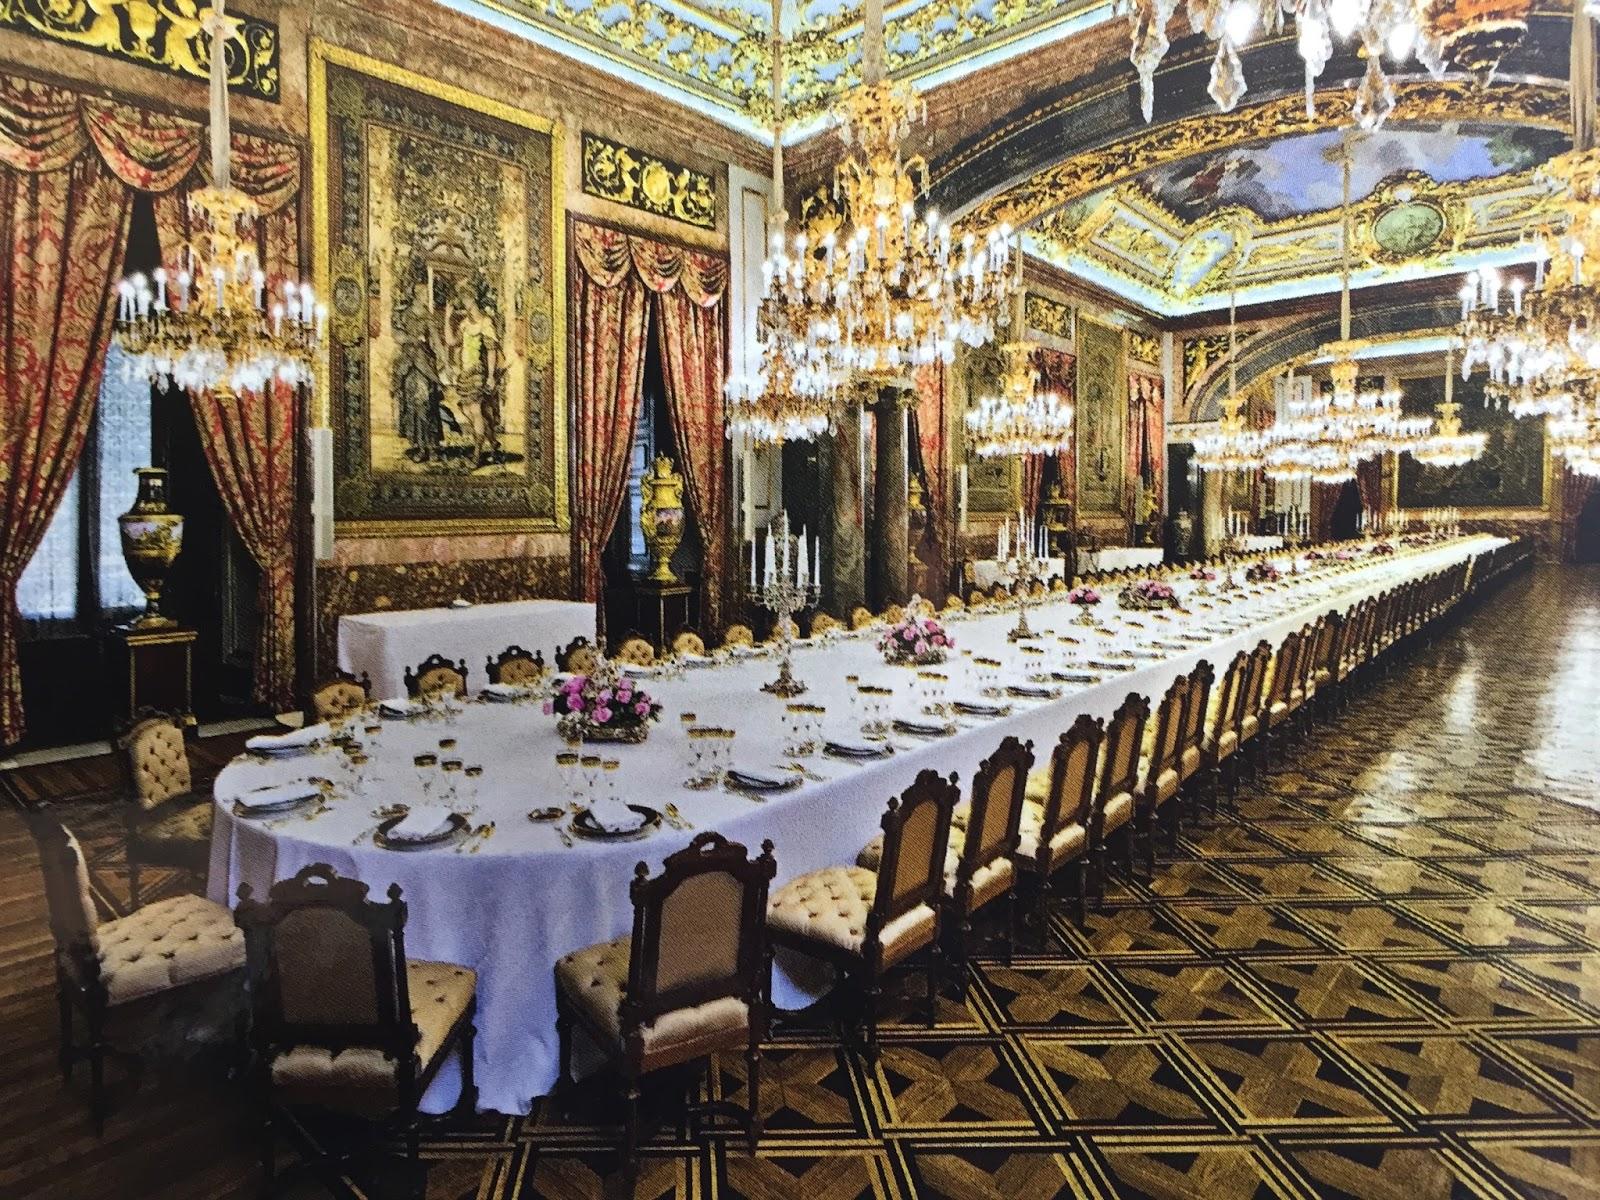 Voyages exp dition le blogueur voyageur madrid espagne for La salle a manger sevres